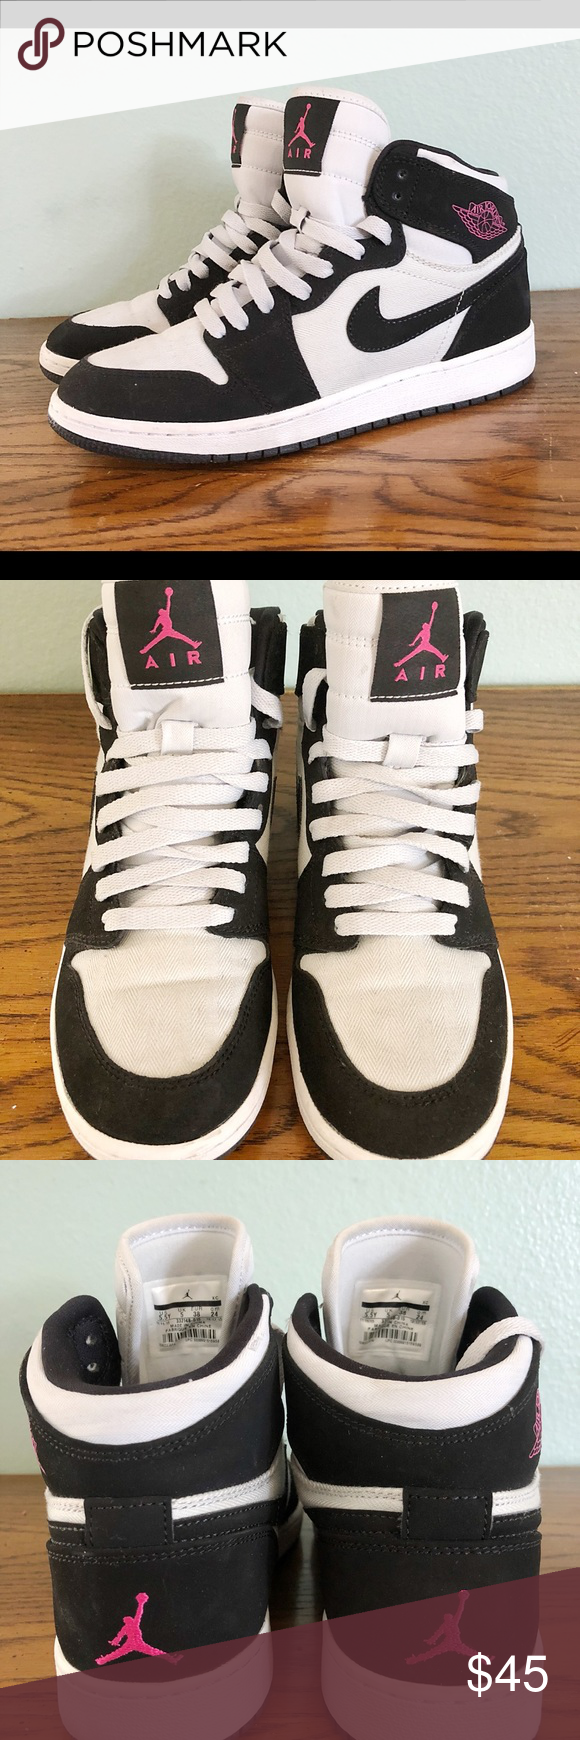 Sneakers Air Jordan 1 Retro High   Cute